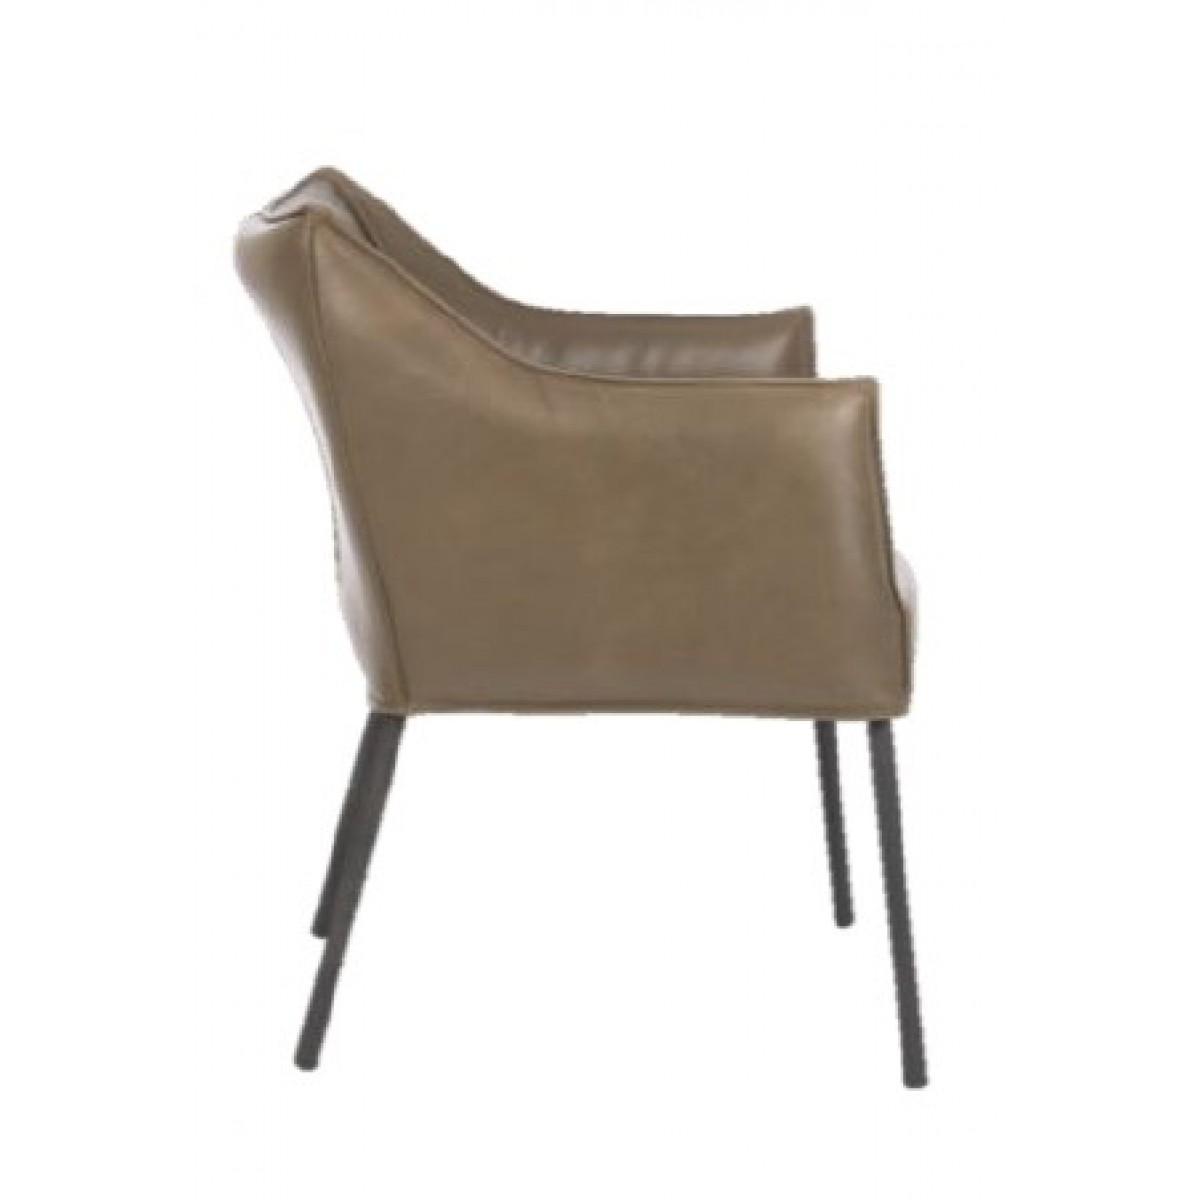 fortuna-stoel-armstoel-zijkant